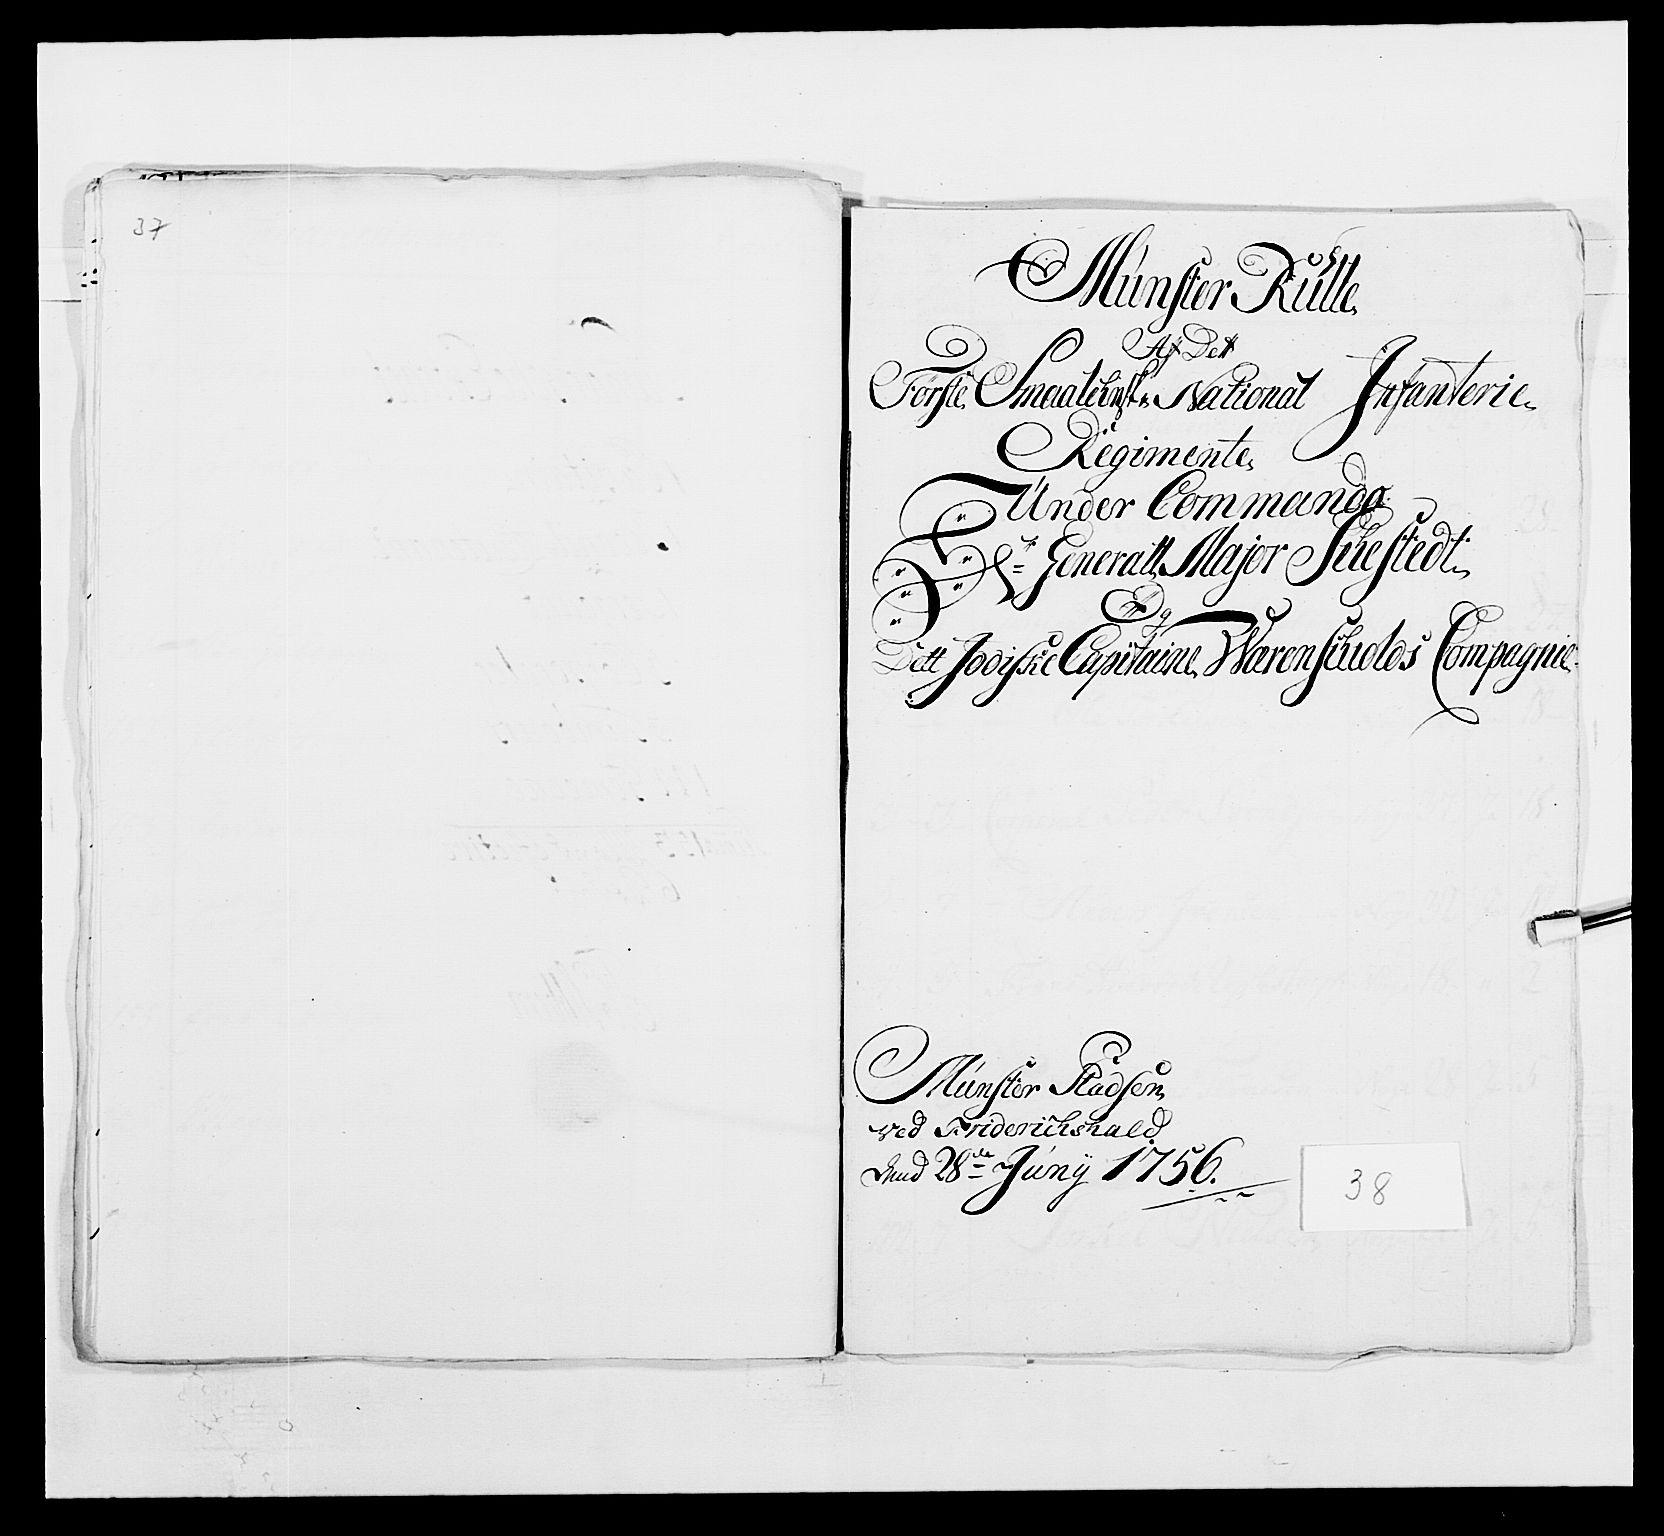 RA, Kommanderende general (KG I) med Det norske krigsdirektorium, E/Ea/L0495: 1. Smålenske regiment, 1732-1763, s. 531